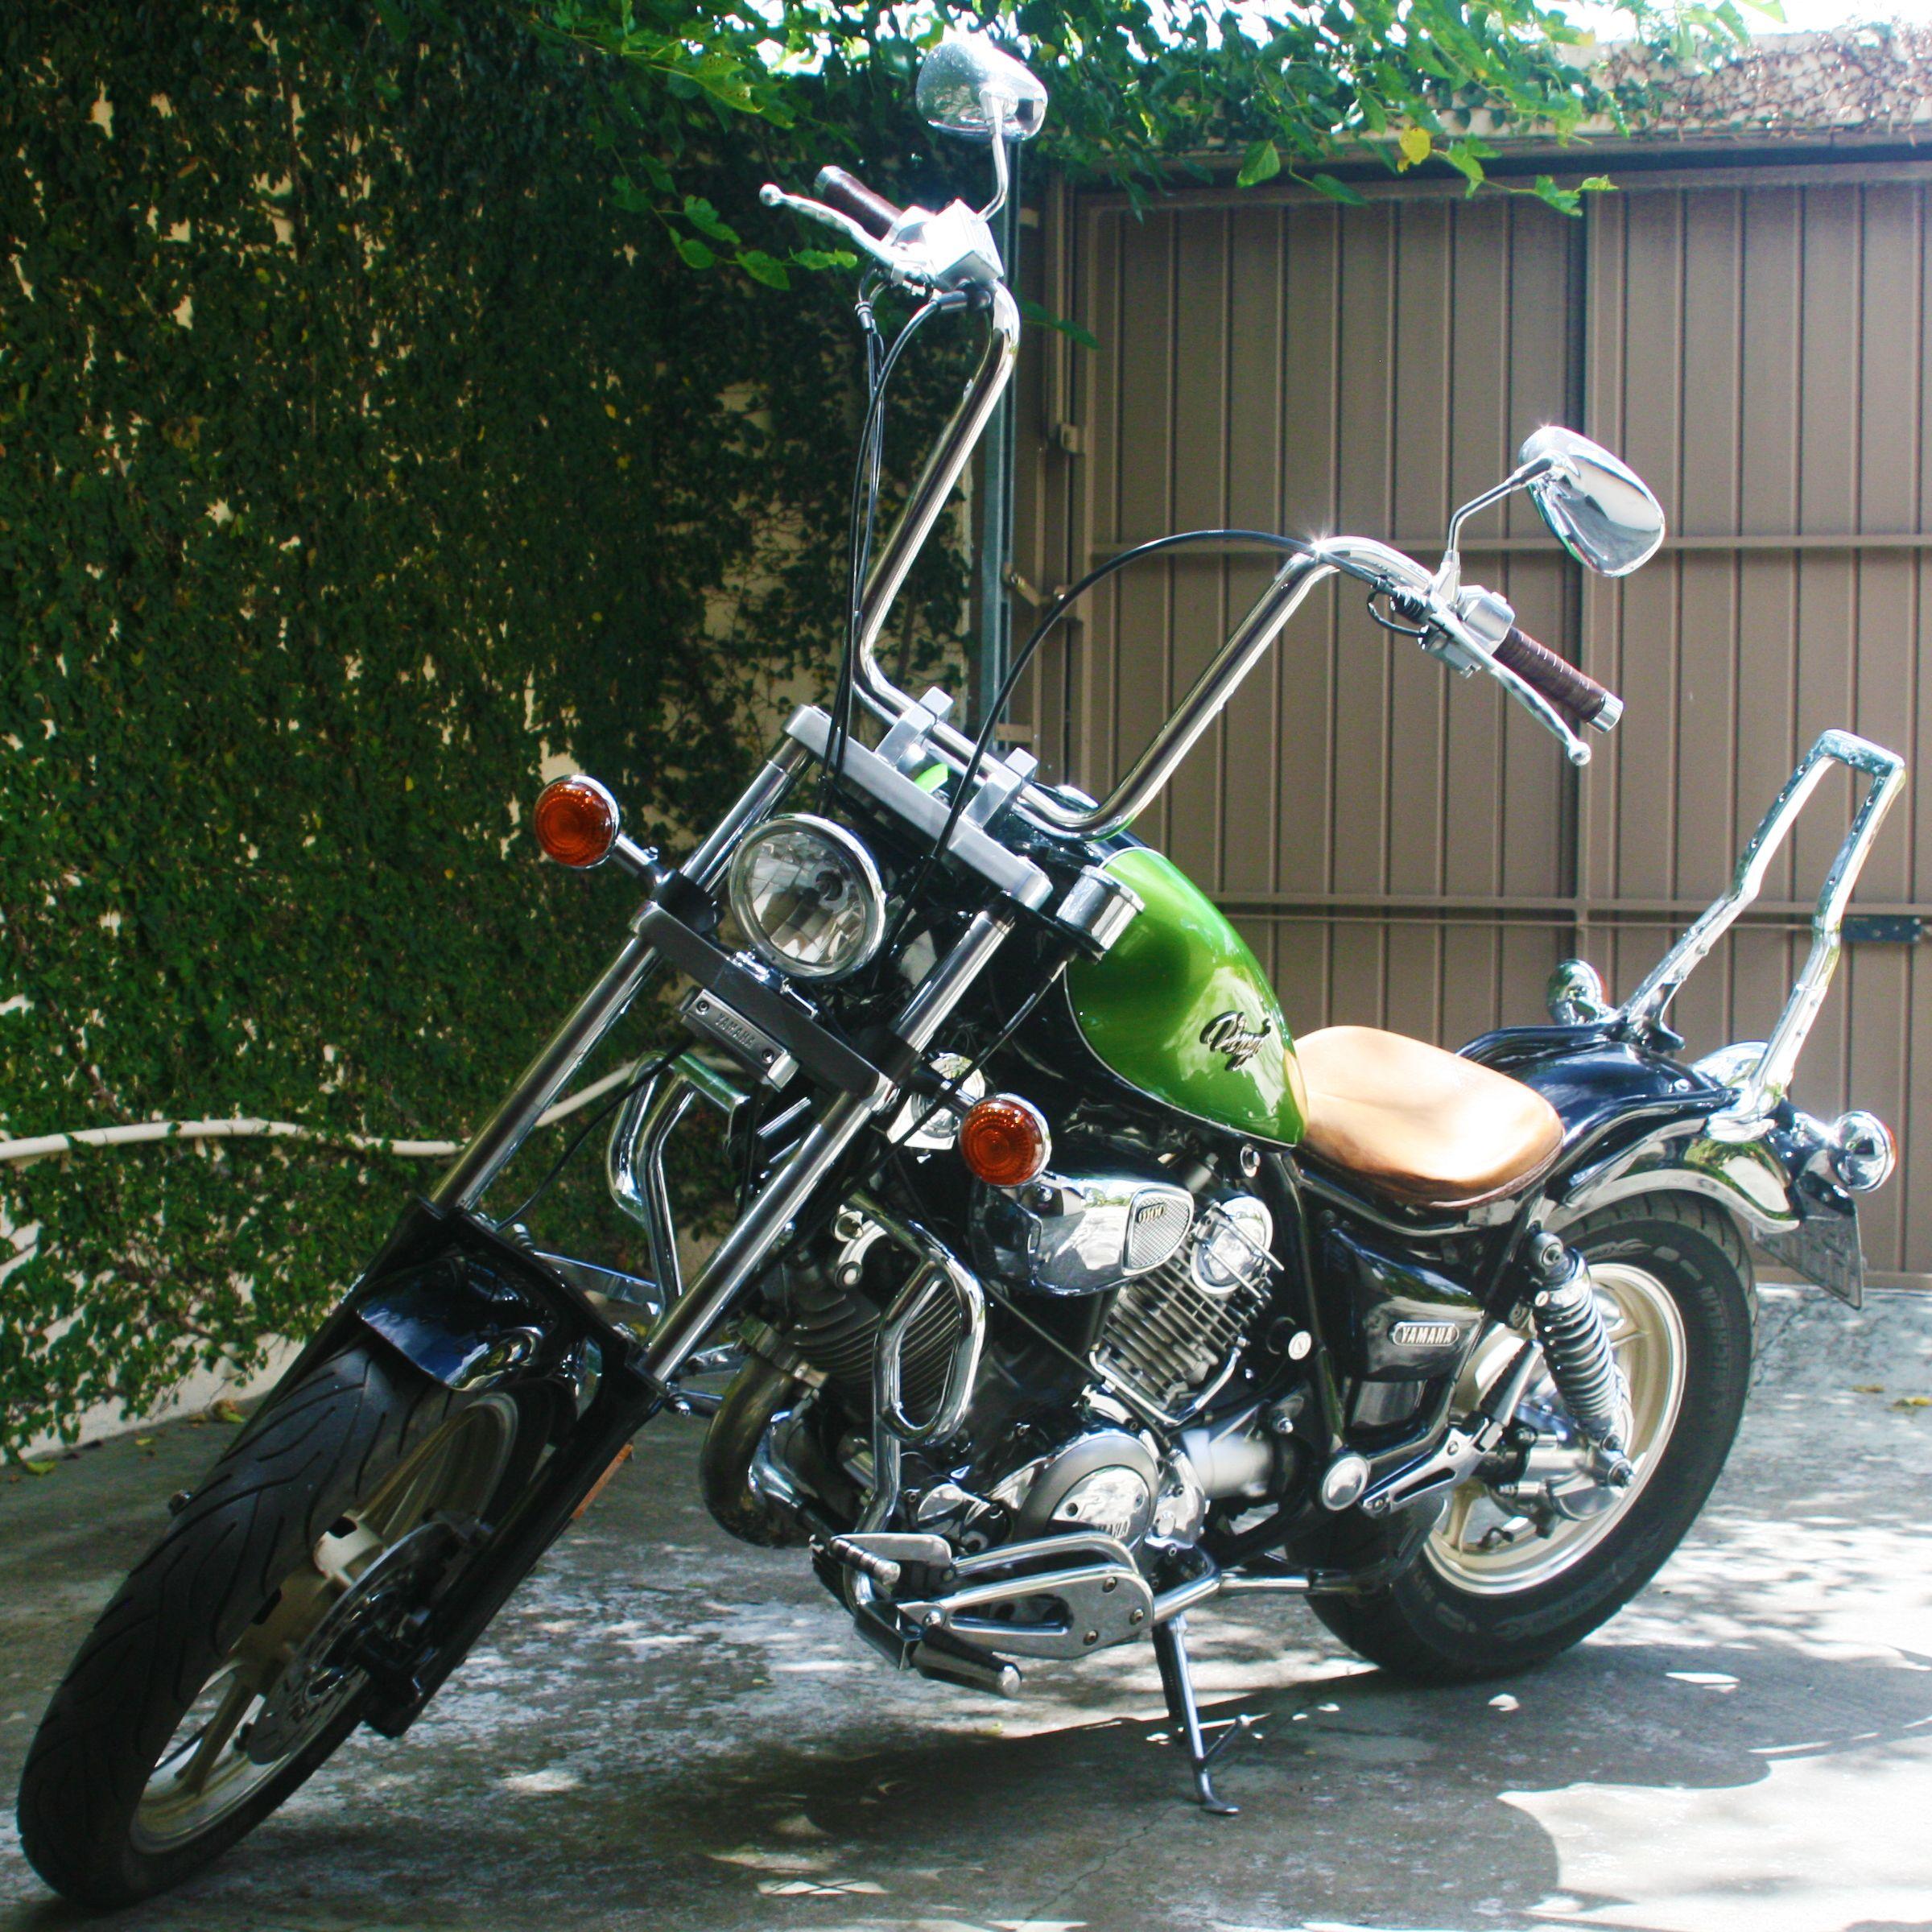 Virago 1100 1995 Bobber Ape Hanger 14 ø 1 14 Motorcycles Ape